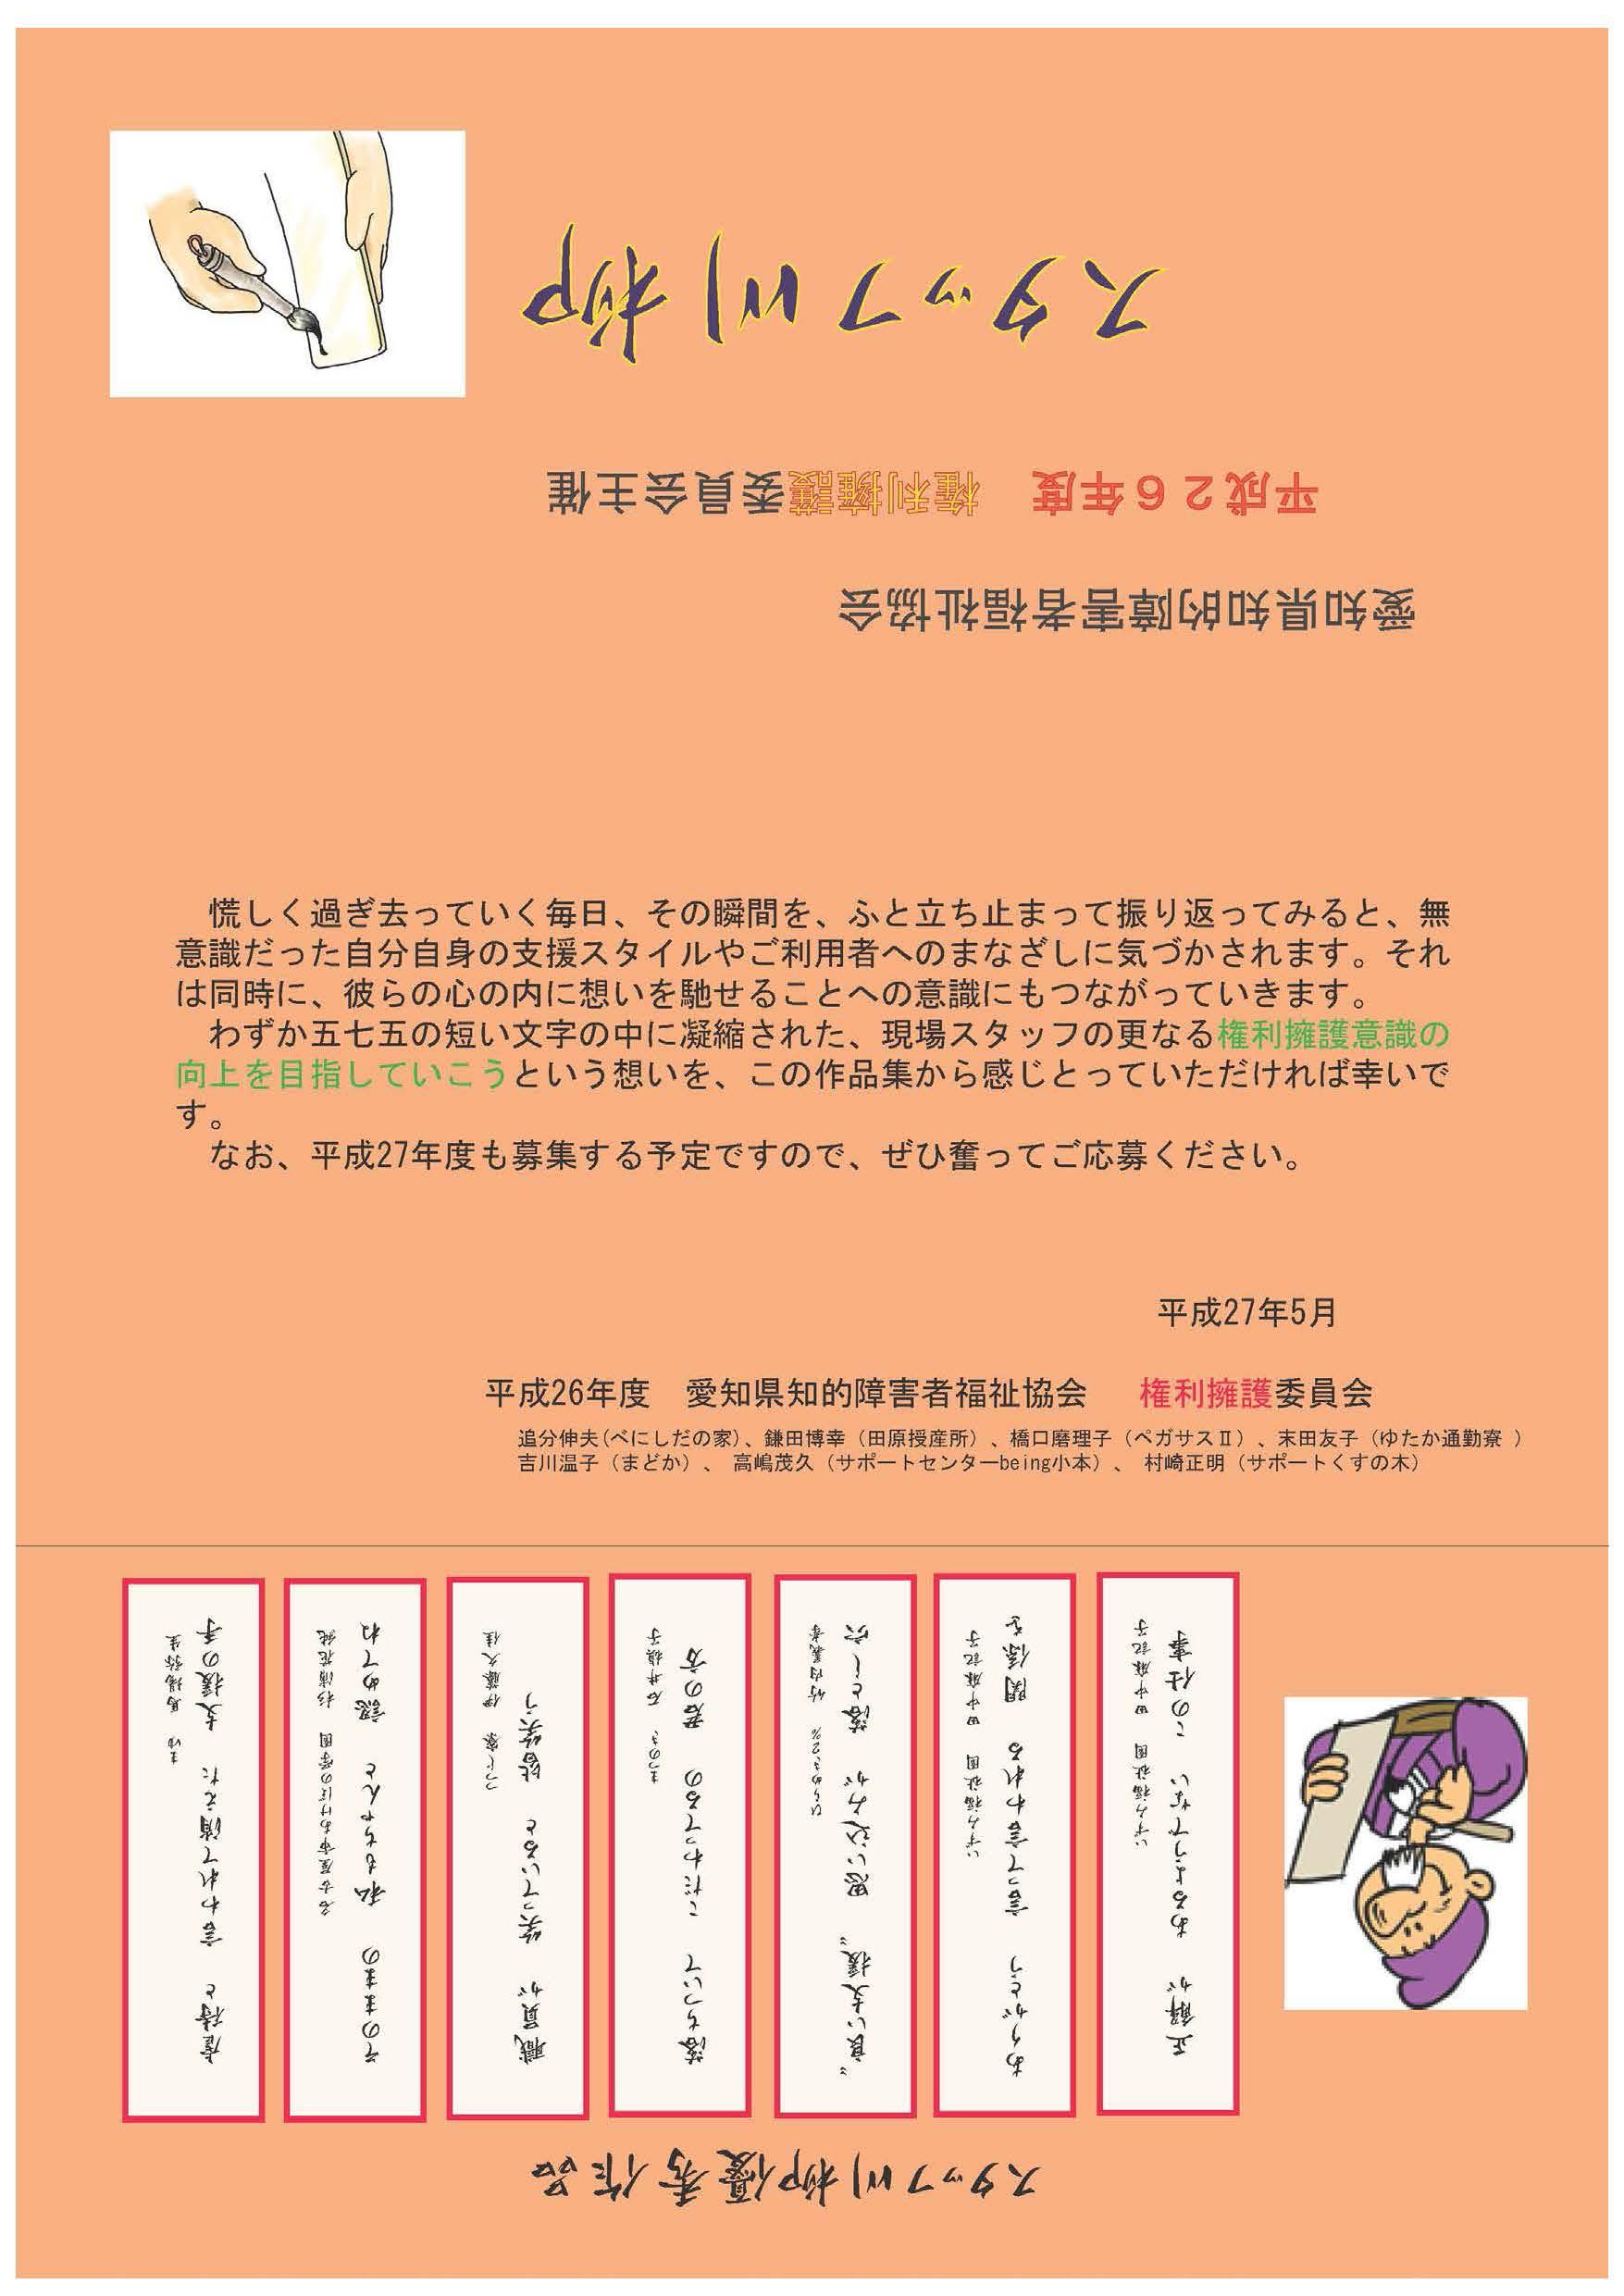 スタッフ川柳(A3表)